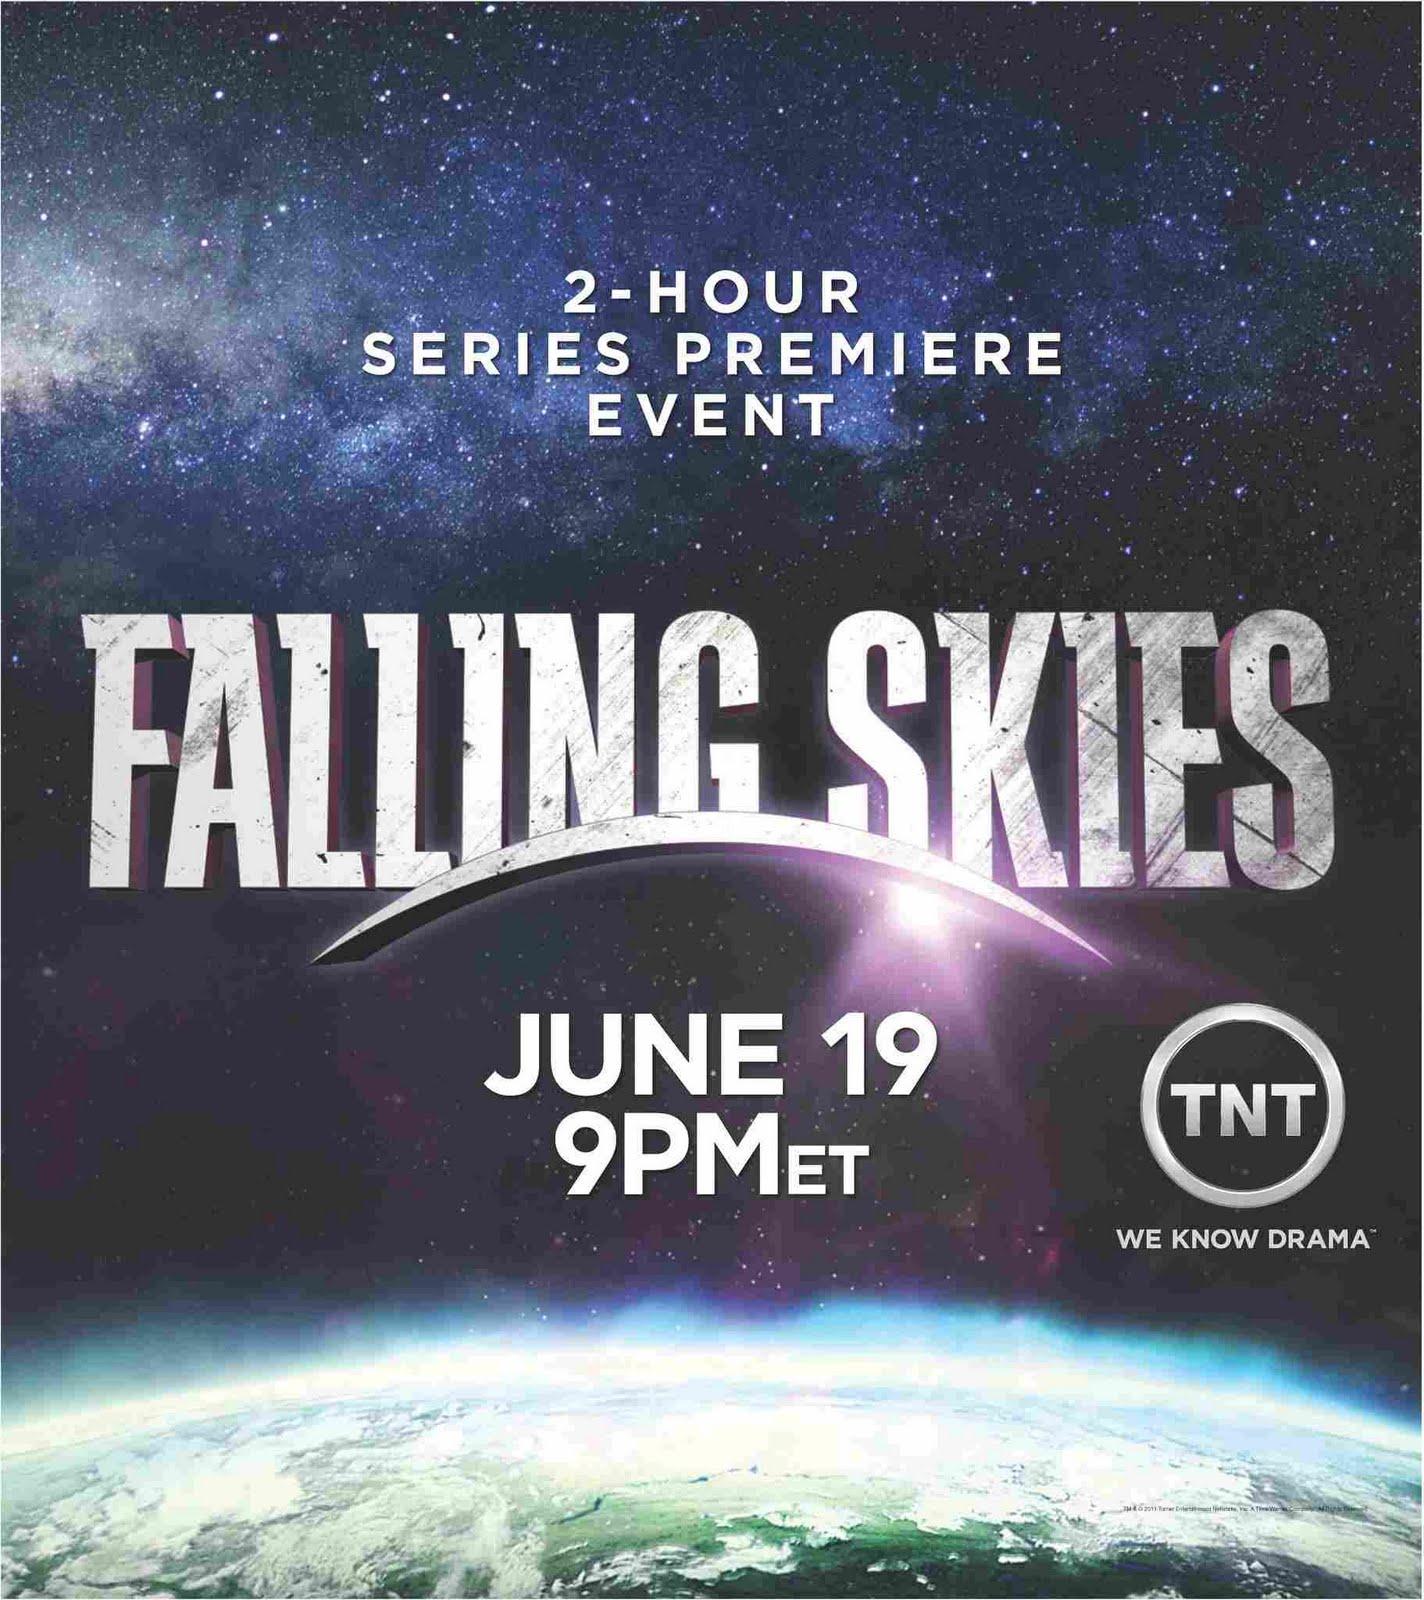 http://3.bp.blogspot.com/-UCxAYfsN1pk/TdZX0nc0xtI/AAAAAAAAACk/gTDzQr4LAOA/s1600/skies_poster.jpg